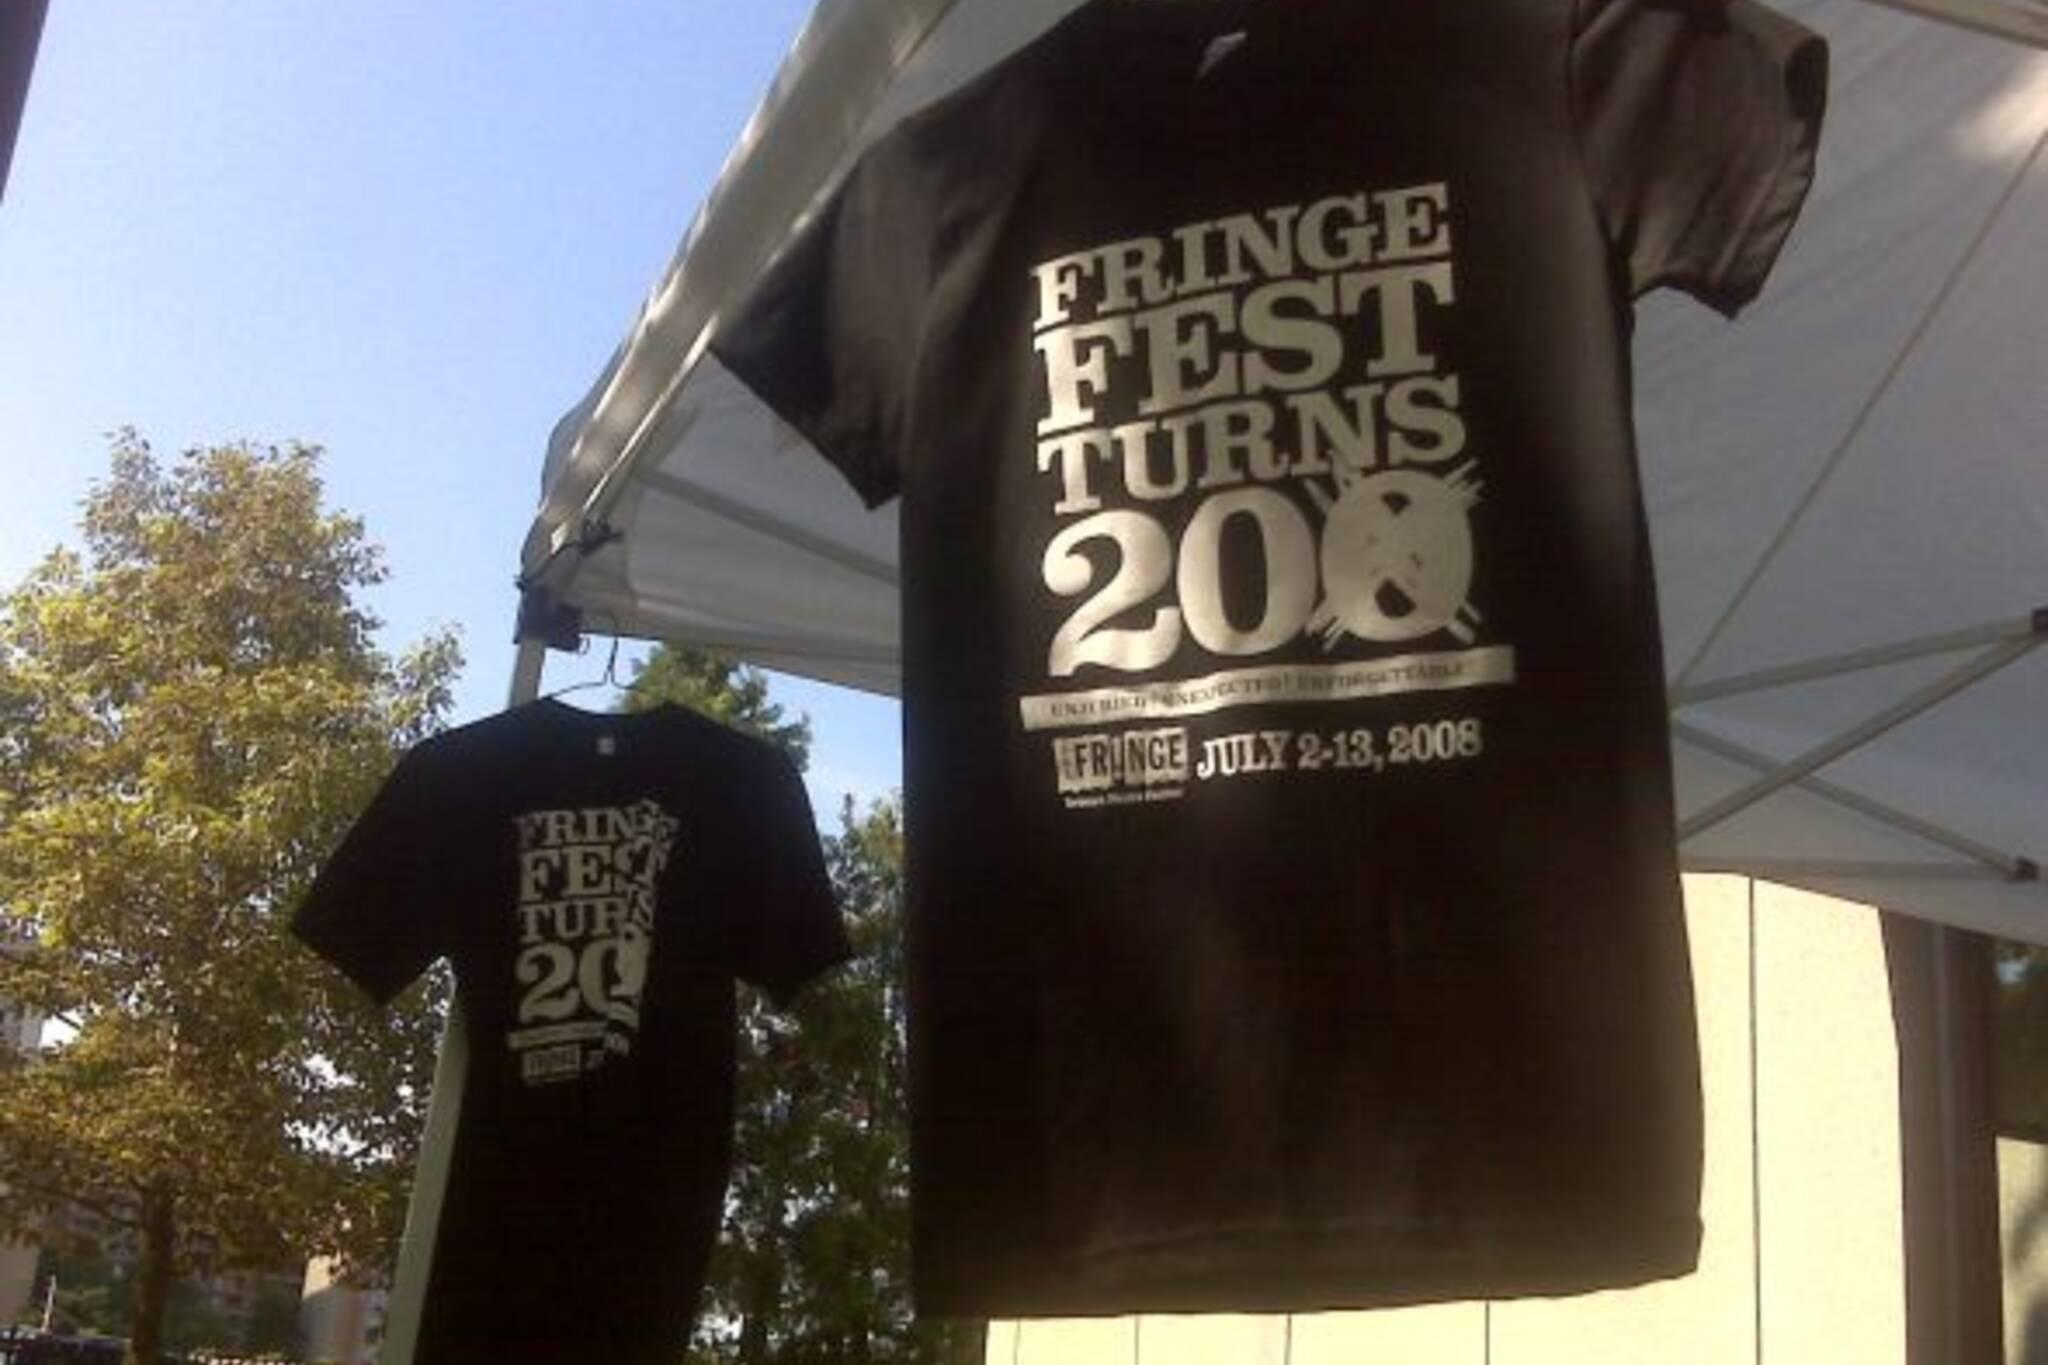 Toronto Fringe t-shirts